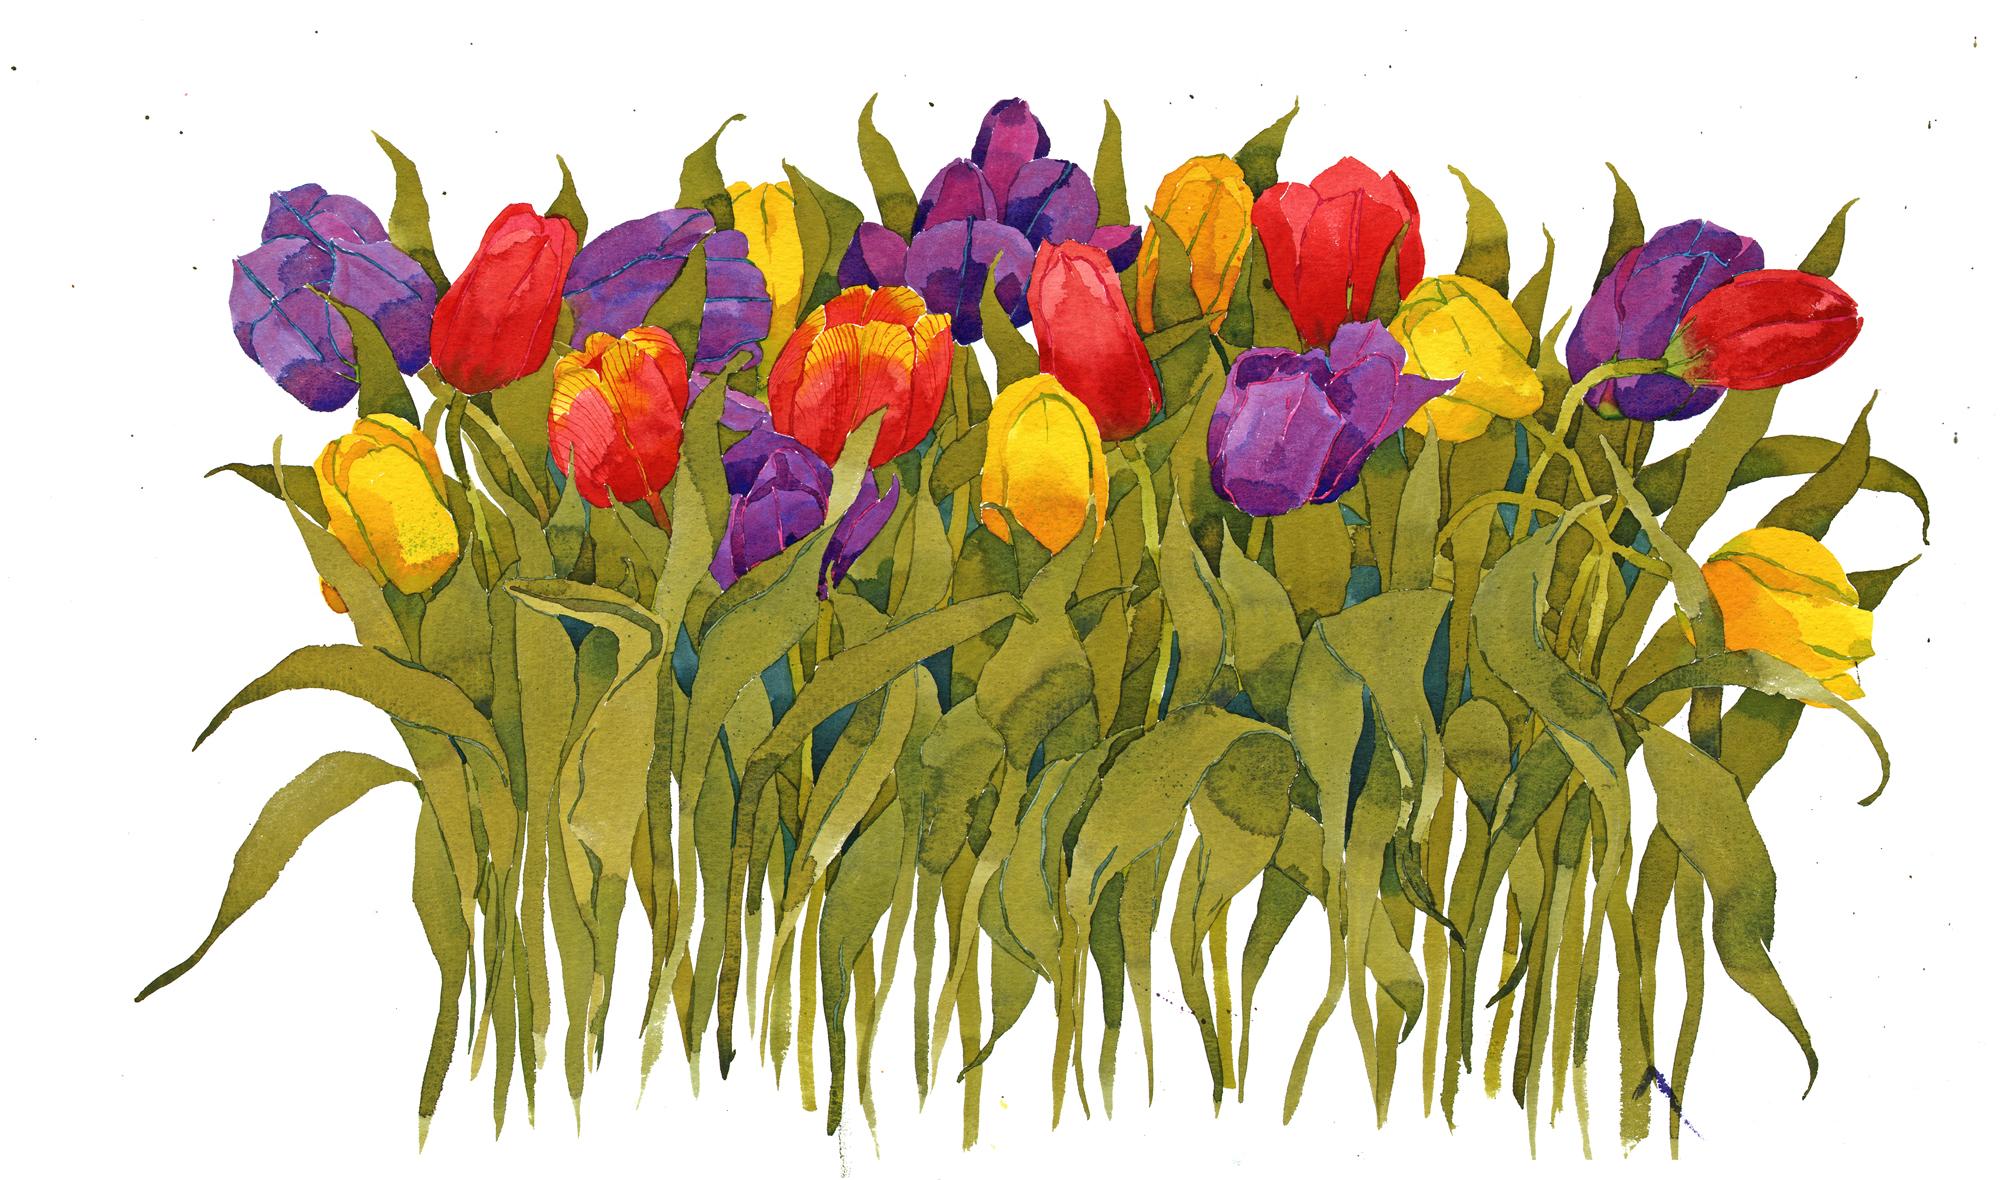 Mixed Tulips I image